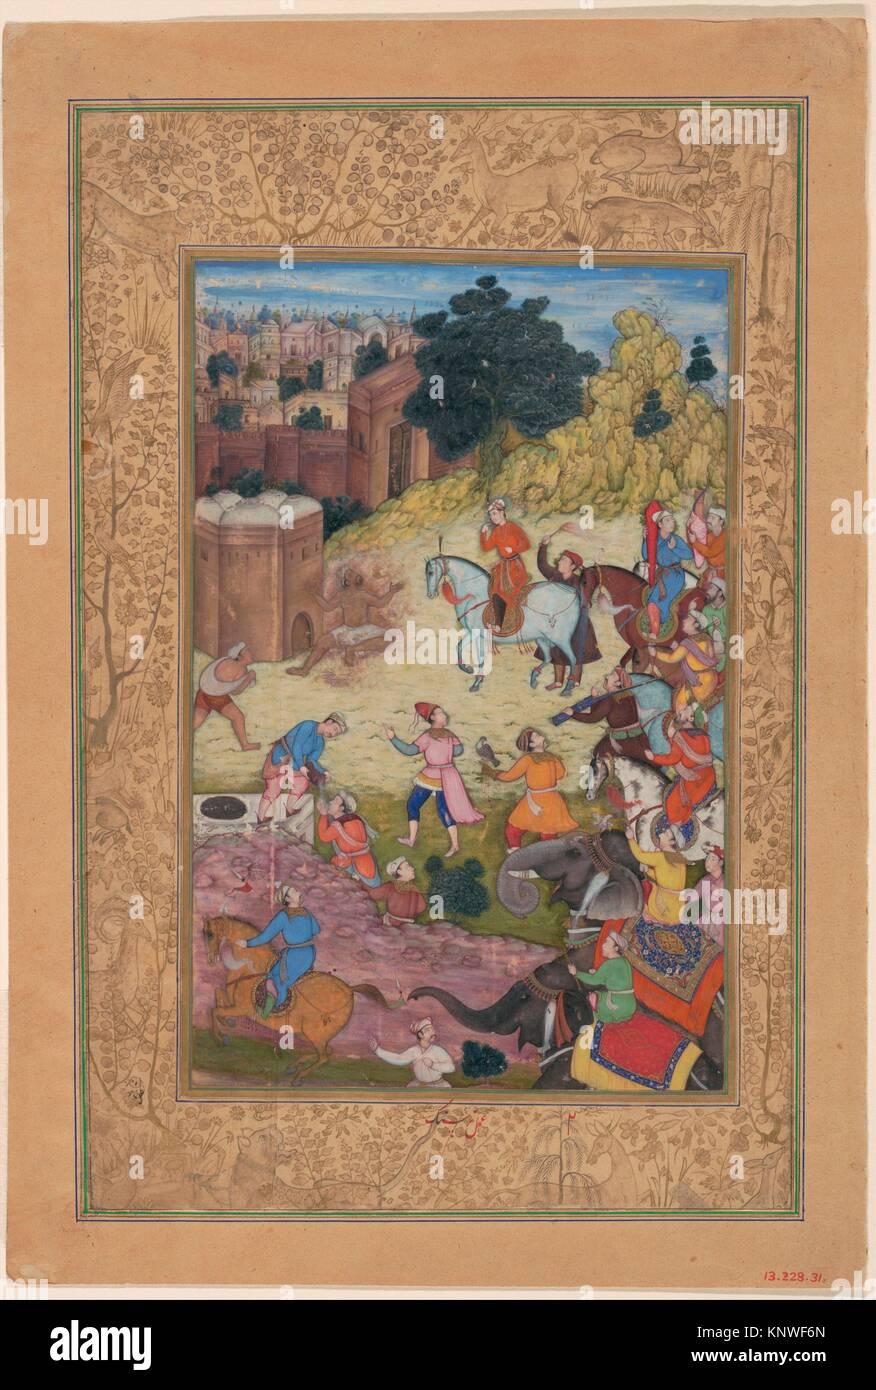 Un baño Keeper es consumida por la pasión por su amada, Folio de Khamsa (quinteto) de Amir Khusrau Dihlavi. Imagen De Stock